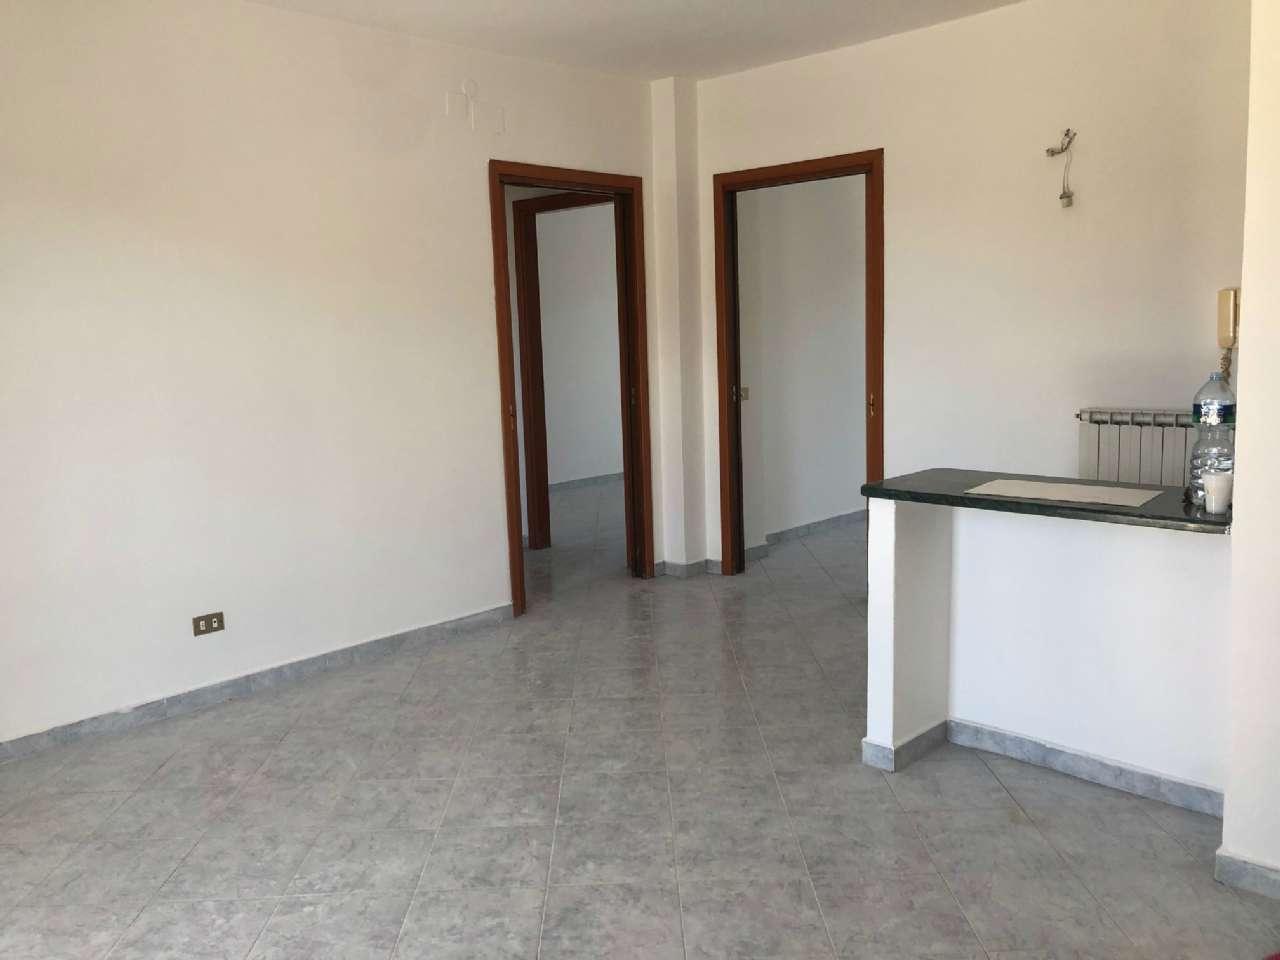 Appartamento in vendita a Giugliano in Campania, 4 locali, prezzo € 193.000 | PortaleAgenzieImmobiliari.it